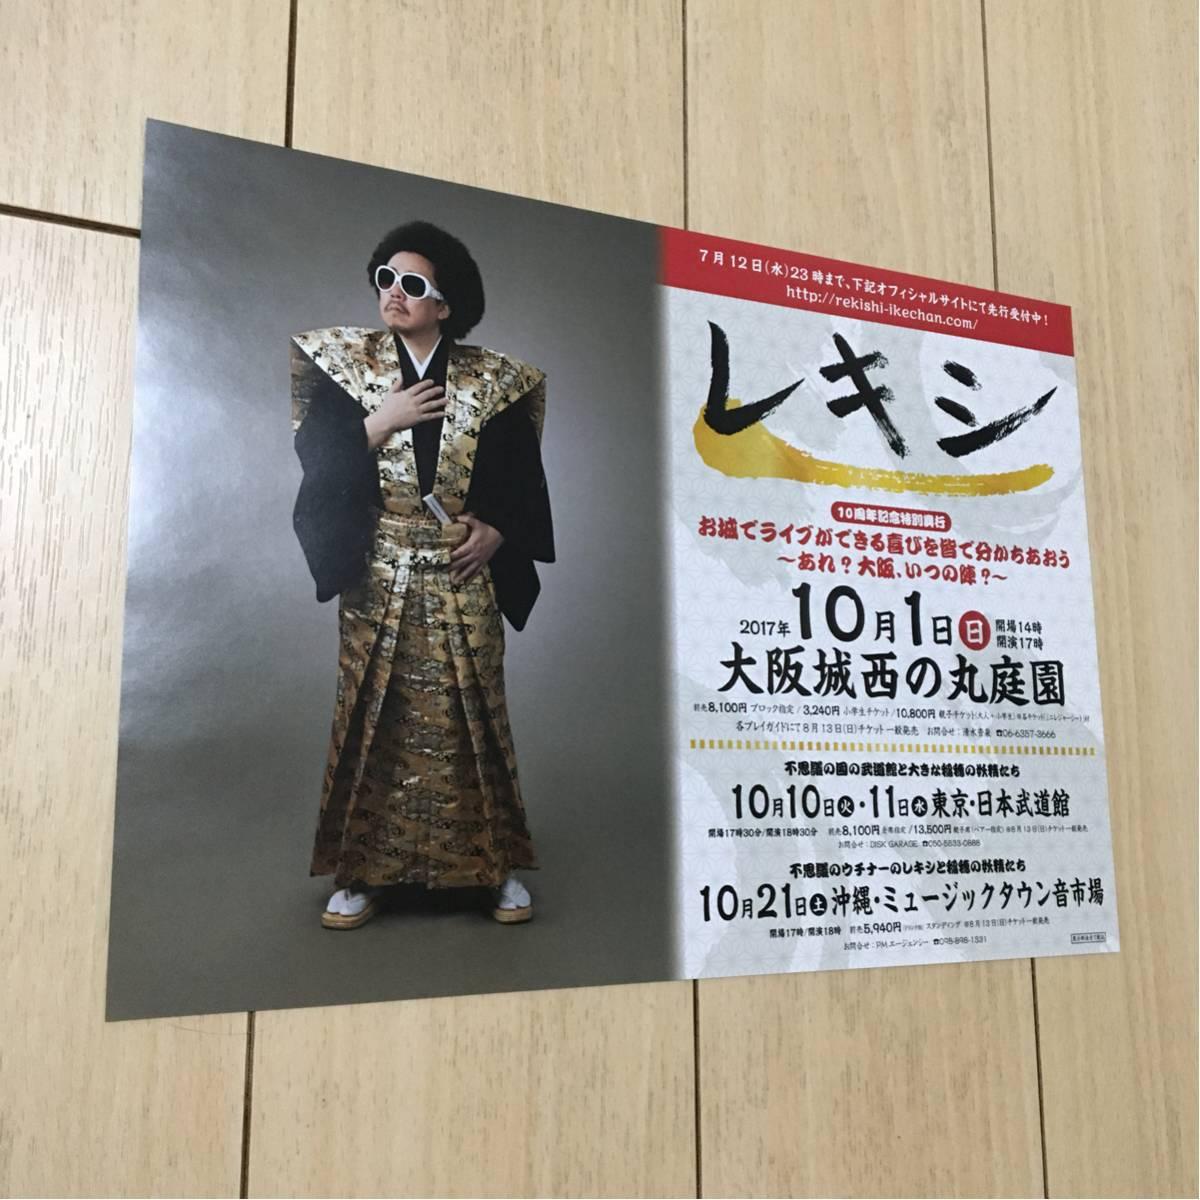 レキシ ライブ 告知 チラシ 2017 大阪 大阪城西の丸庭園 10周年 記念 特別 興行 コンサート